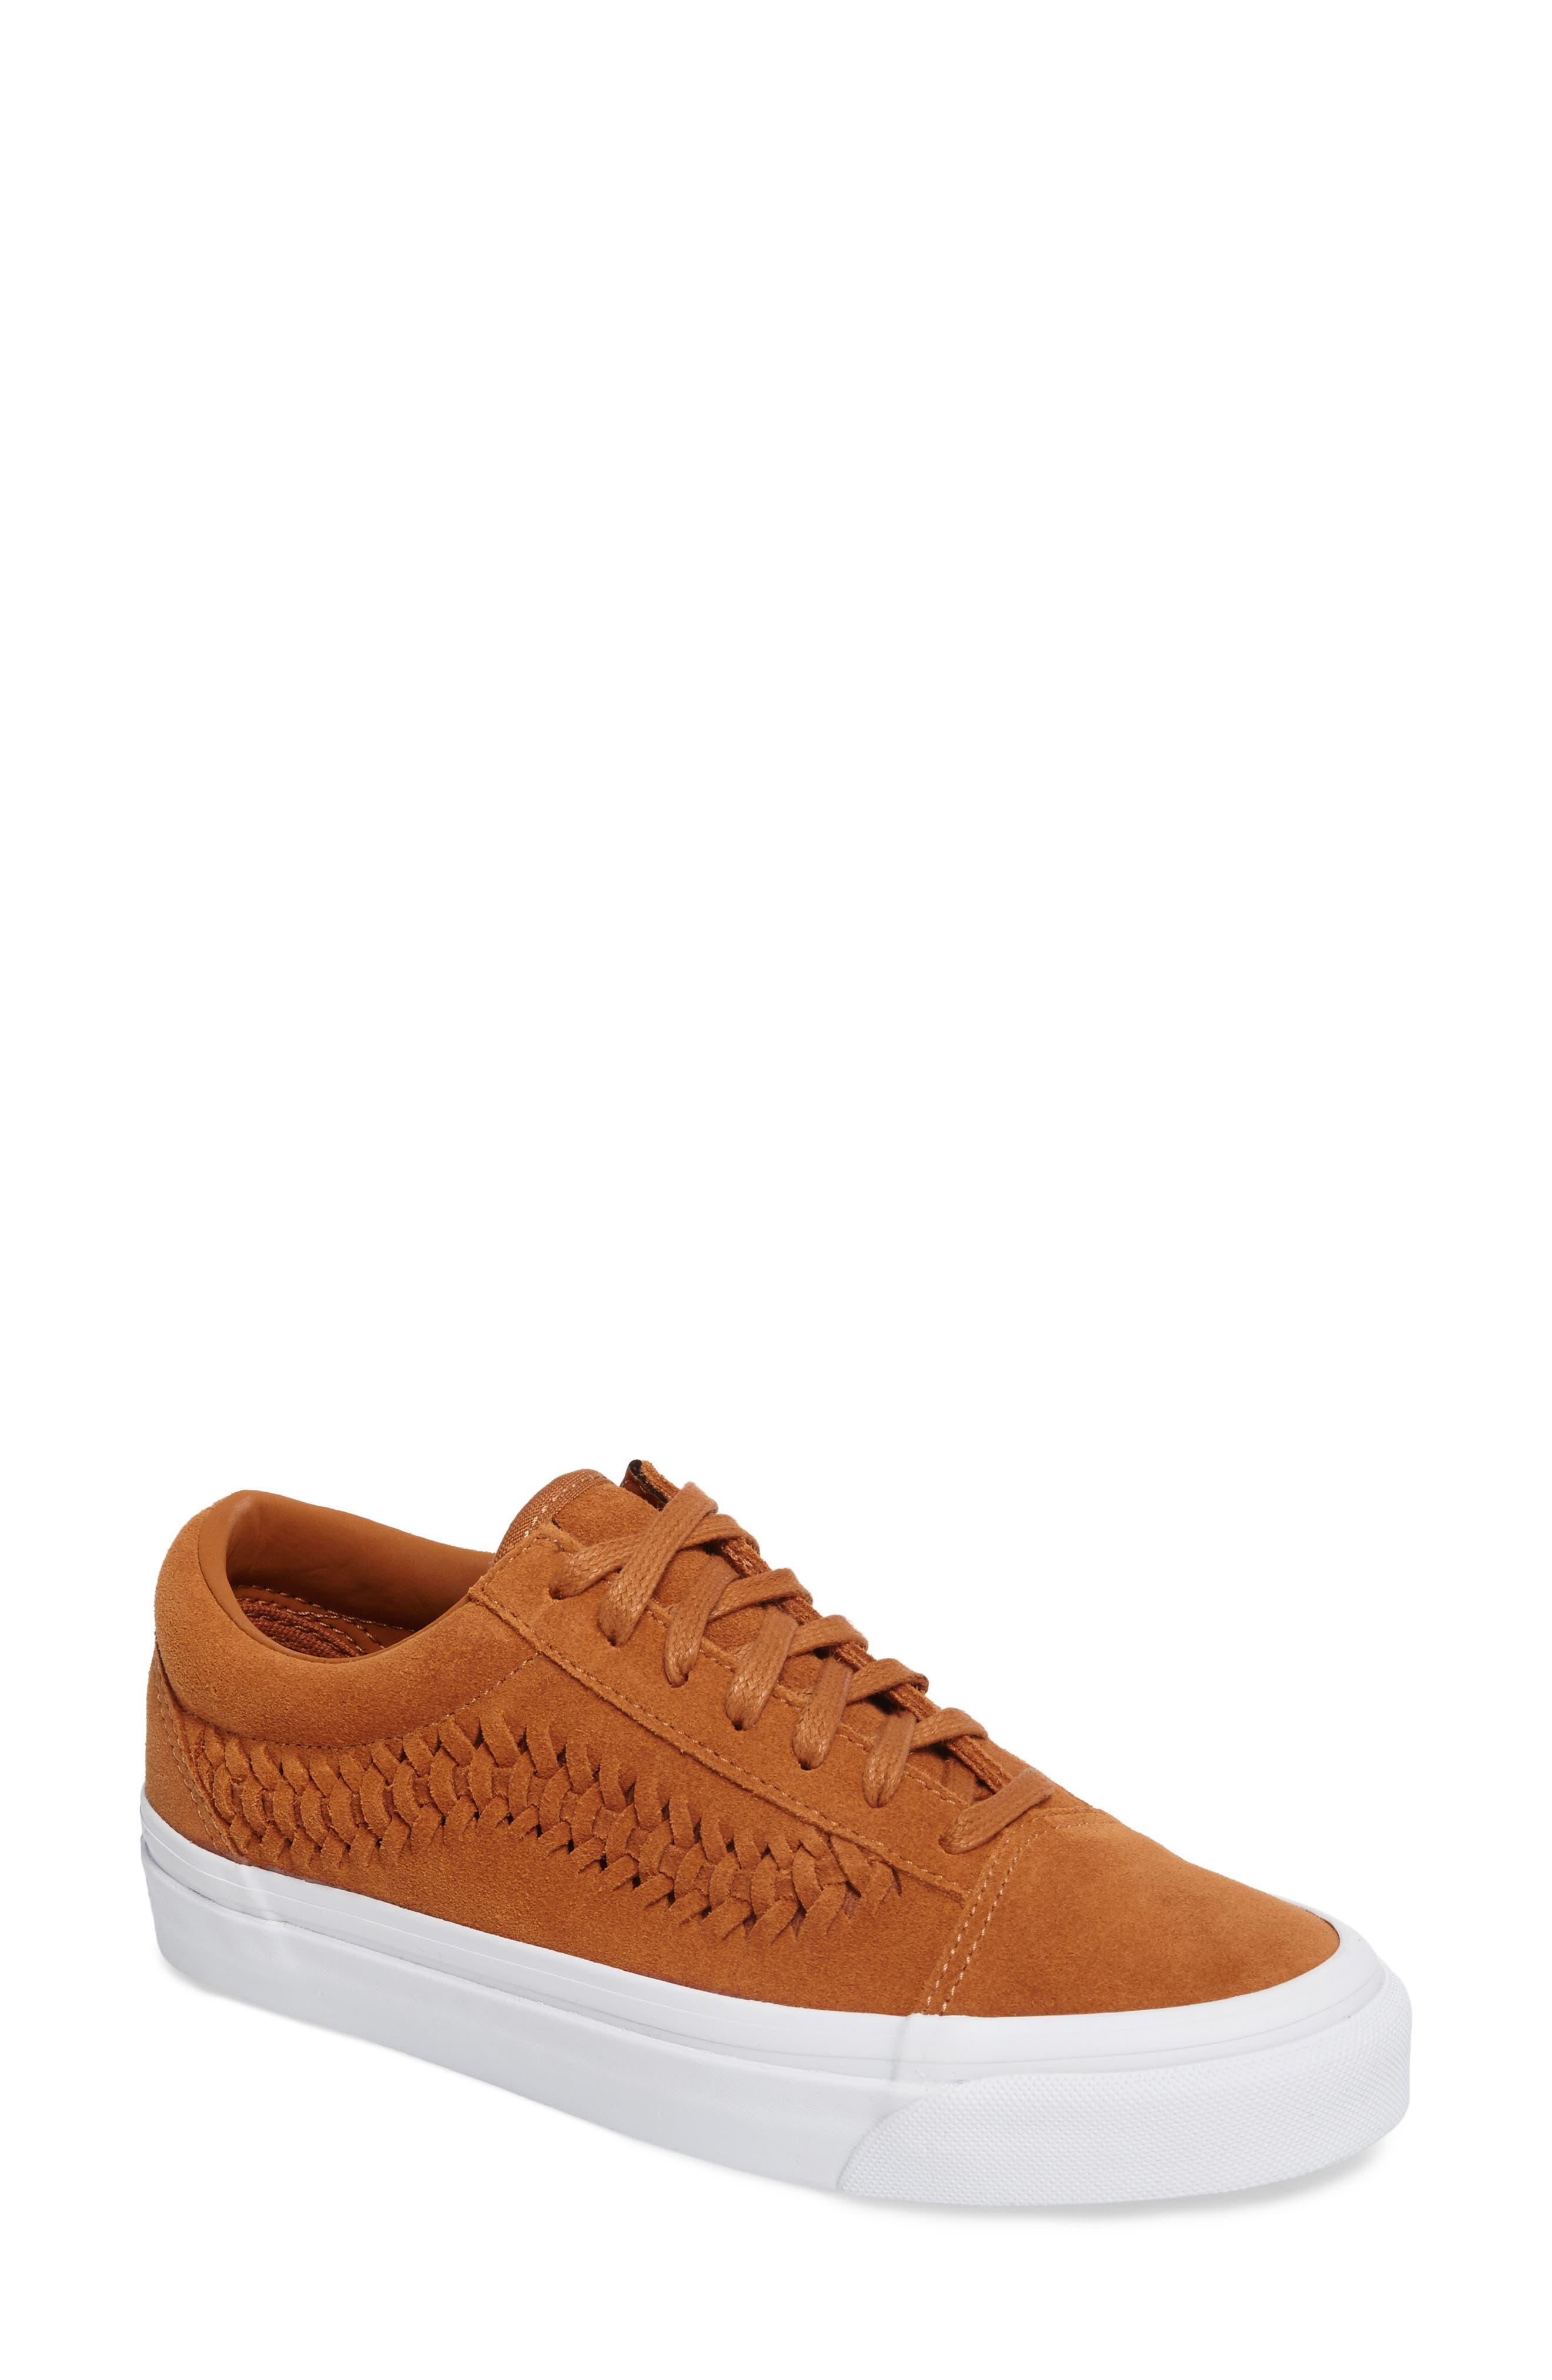 Alternate Image 1 Selected - Vans Old Skool Weave DX Sneaker (Women)